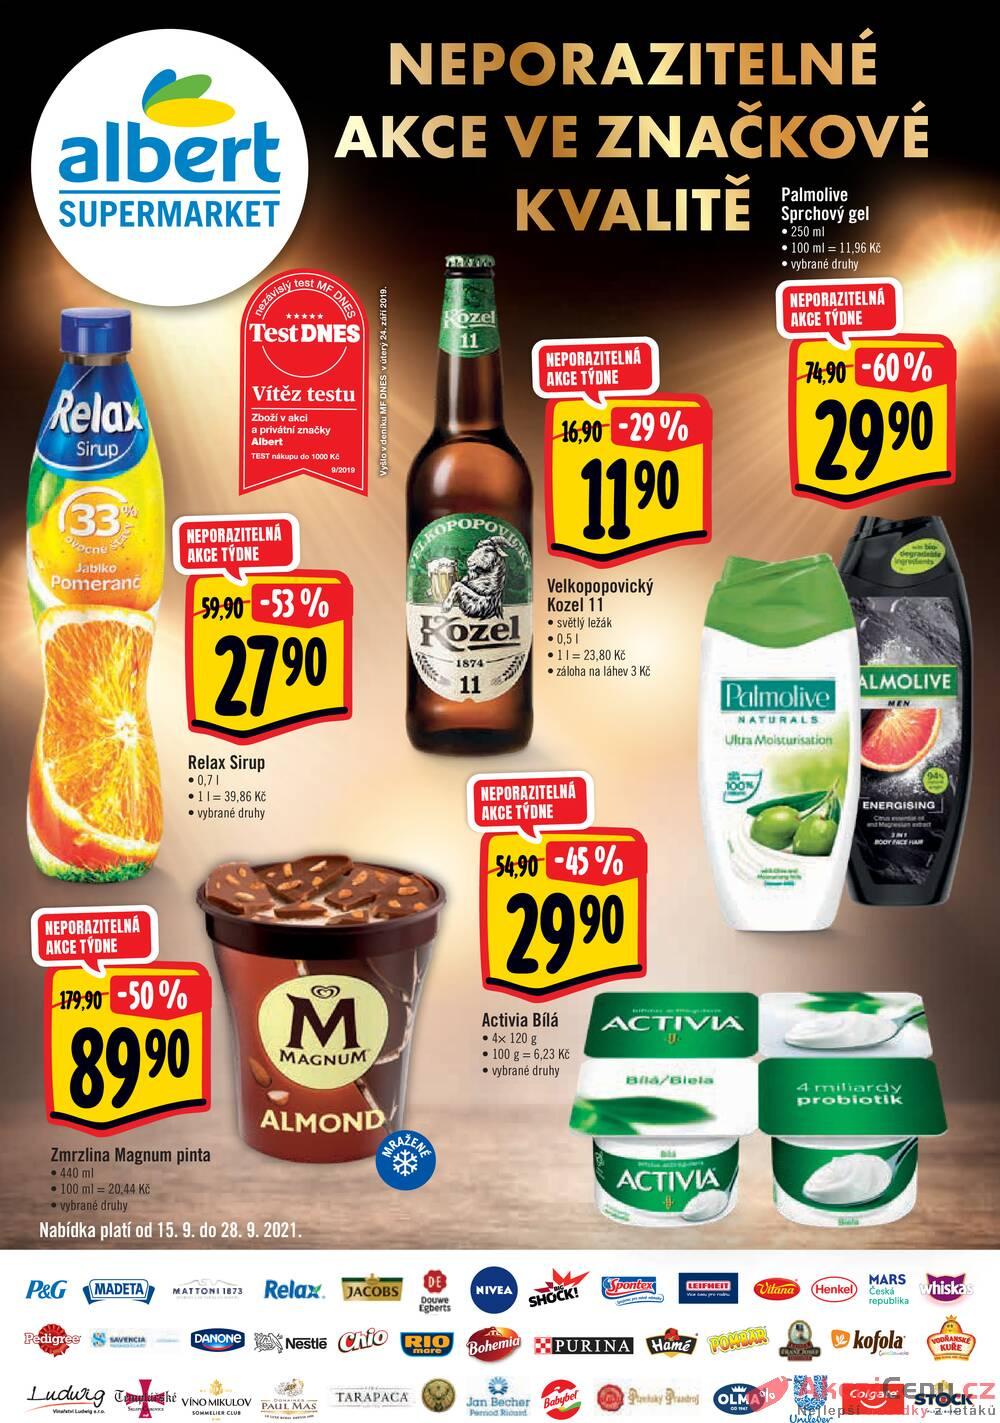 Leták Albert - Albert Supermarket brand od 15.9. do 28.9.2021 - strana 1